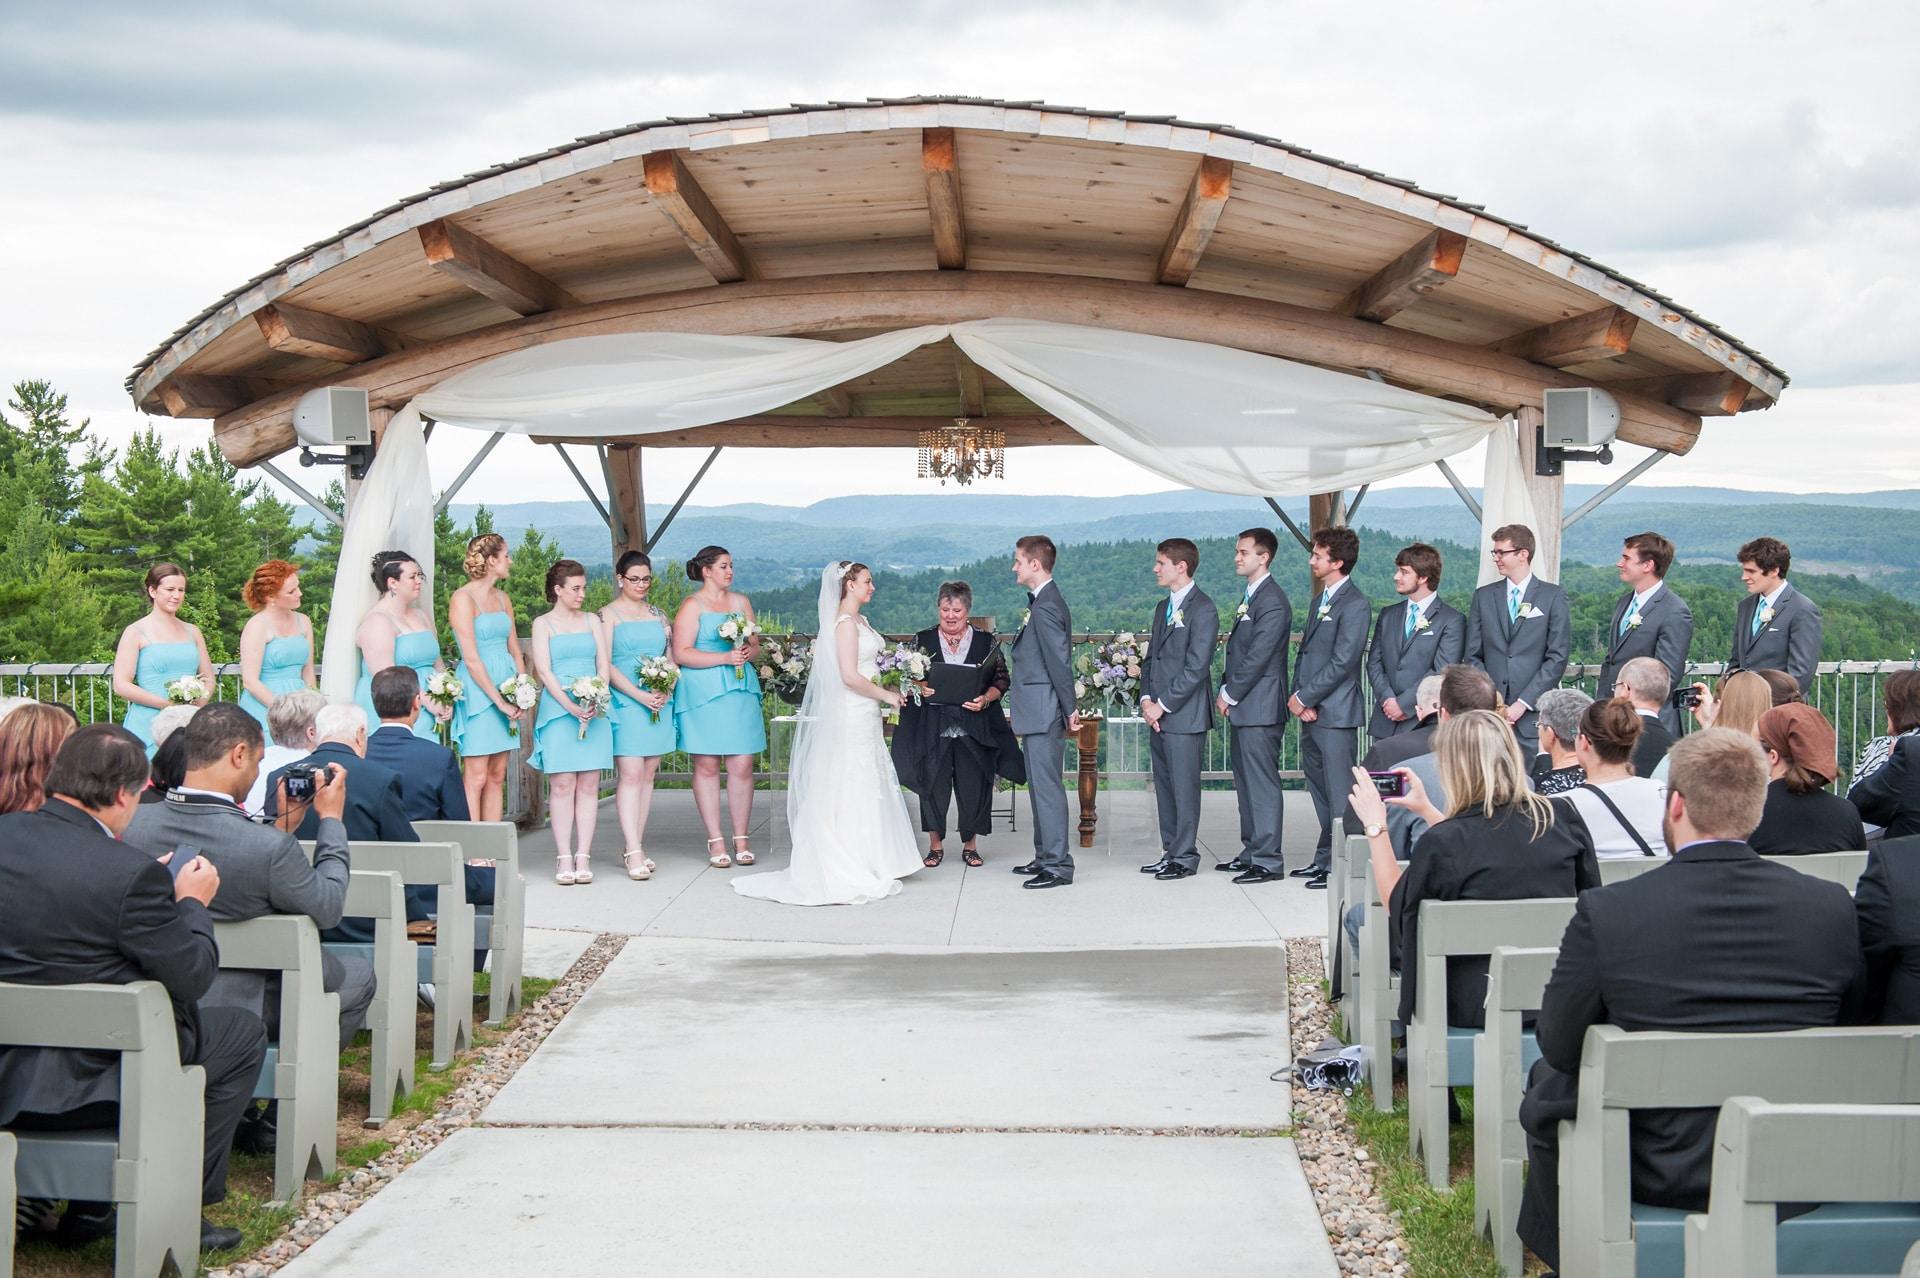 Kelly-&-Scott's-Wedding-Day-73